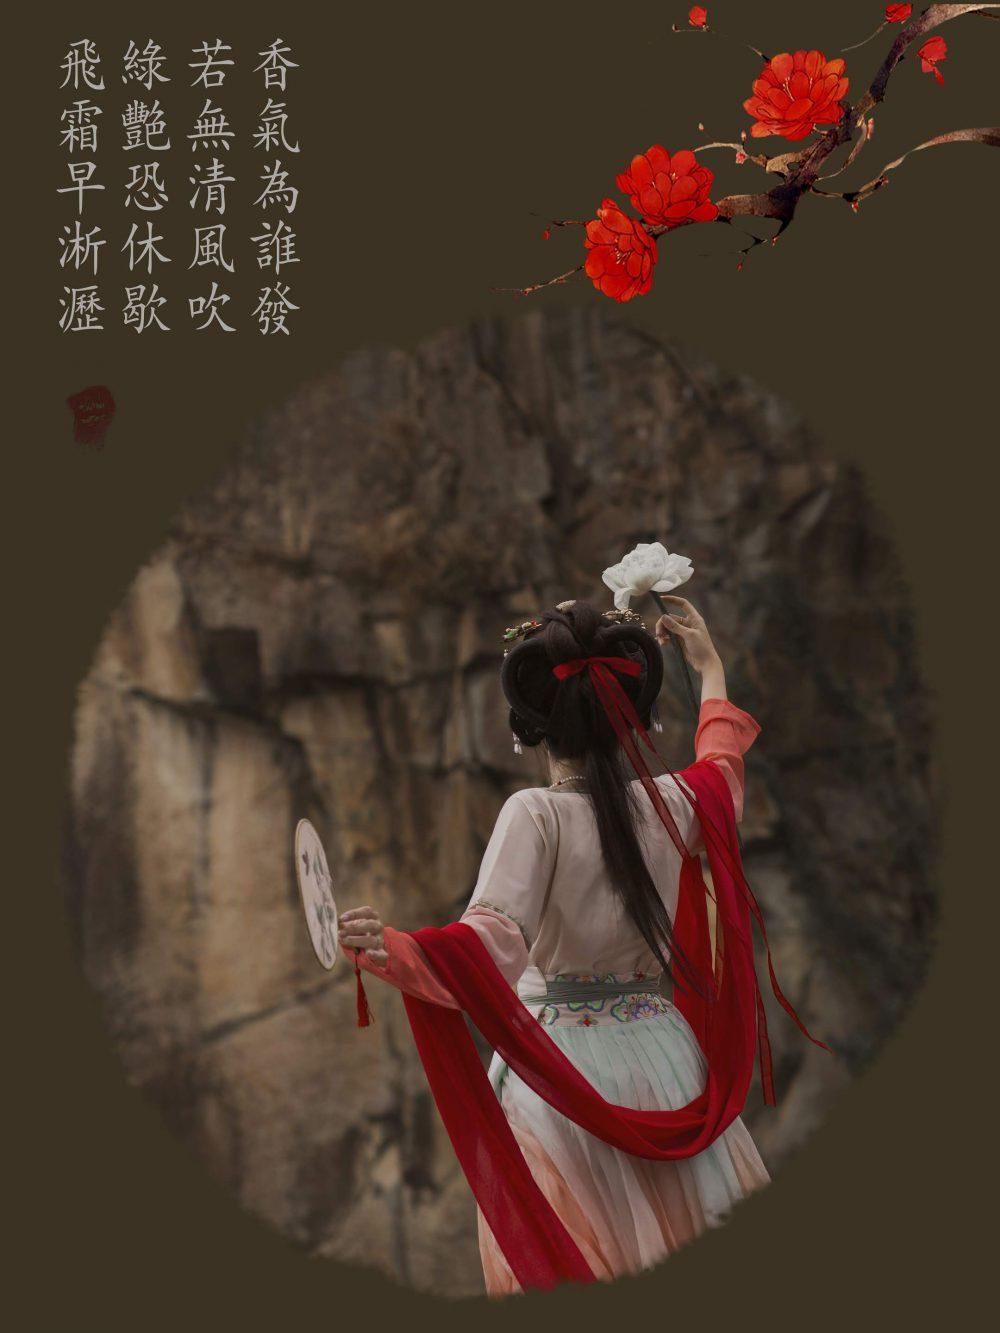 Chụp Ảnh Cổ Trang - Phi Thiên Vũ - Hình 6